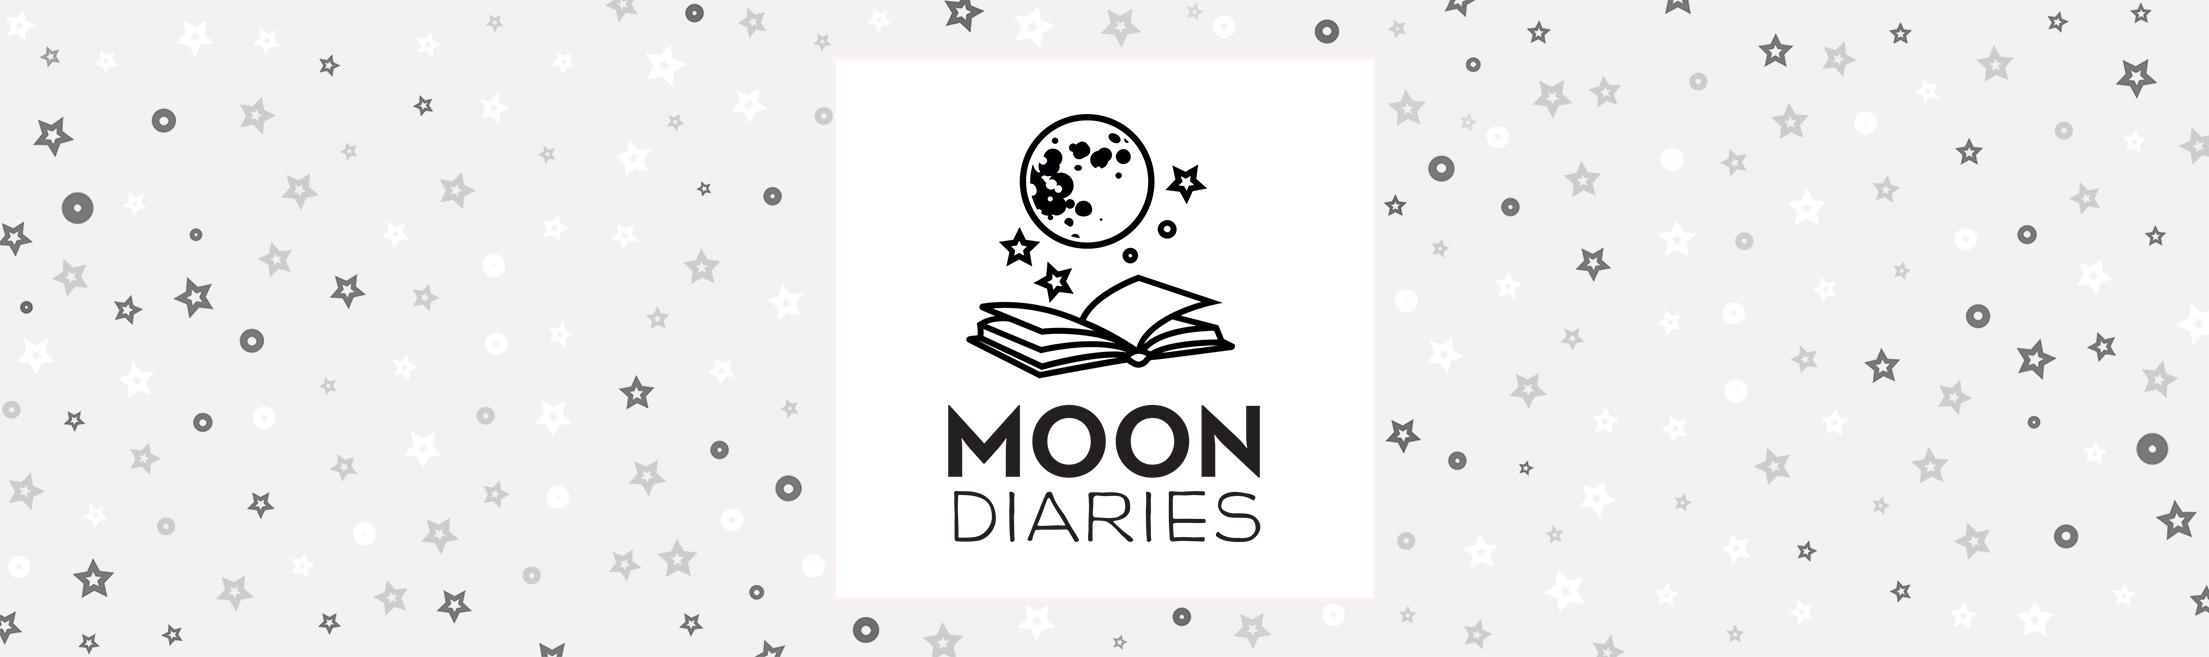 MOON DIARIES - i grandi viaggi e le piccole cose della vita – by Francesca Es –